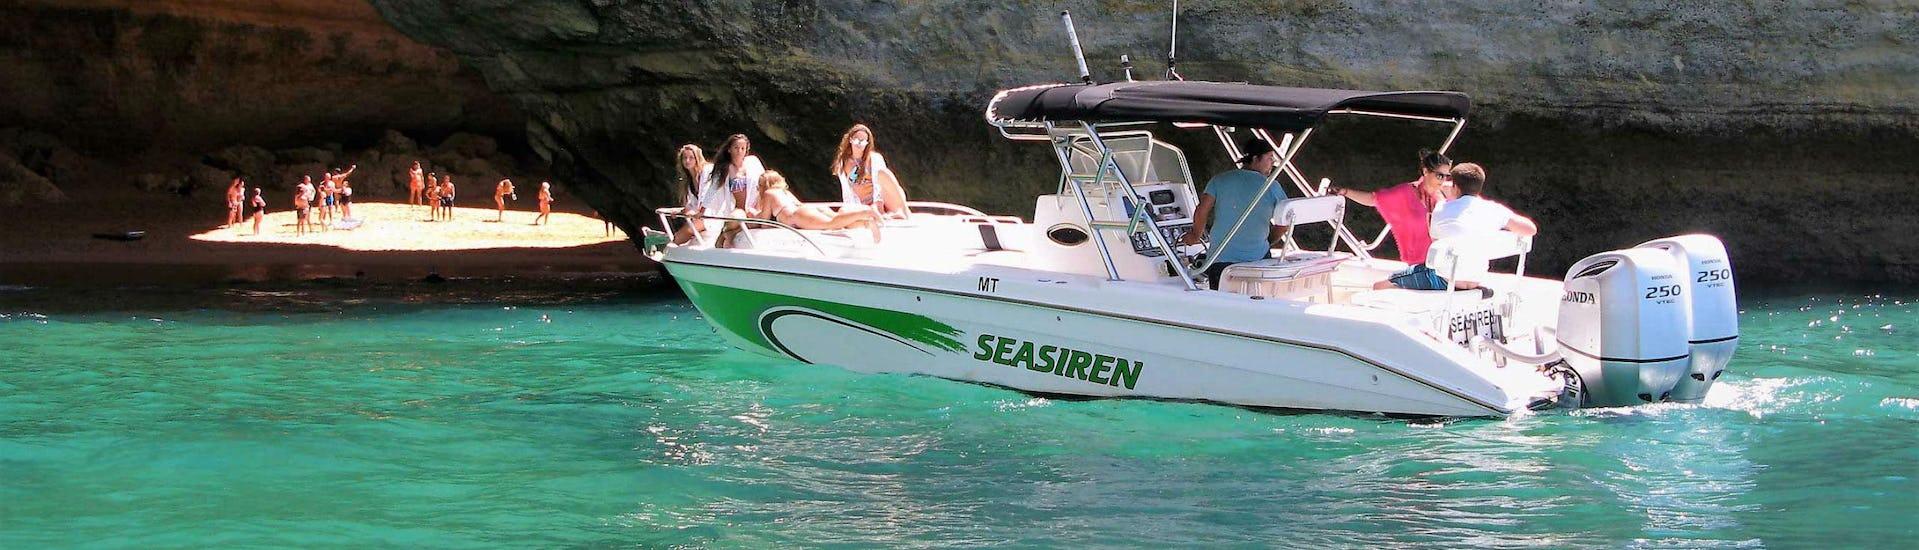 The Seasiren Tours motor boat is approaching the Benagil Cave during the Boat Tour - Benagil Cave.